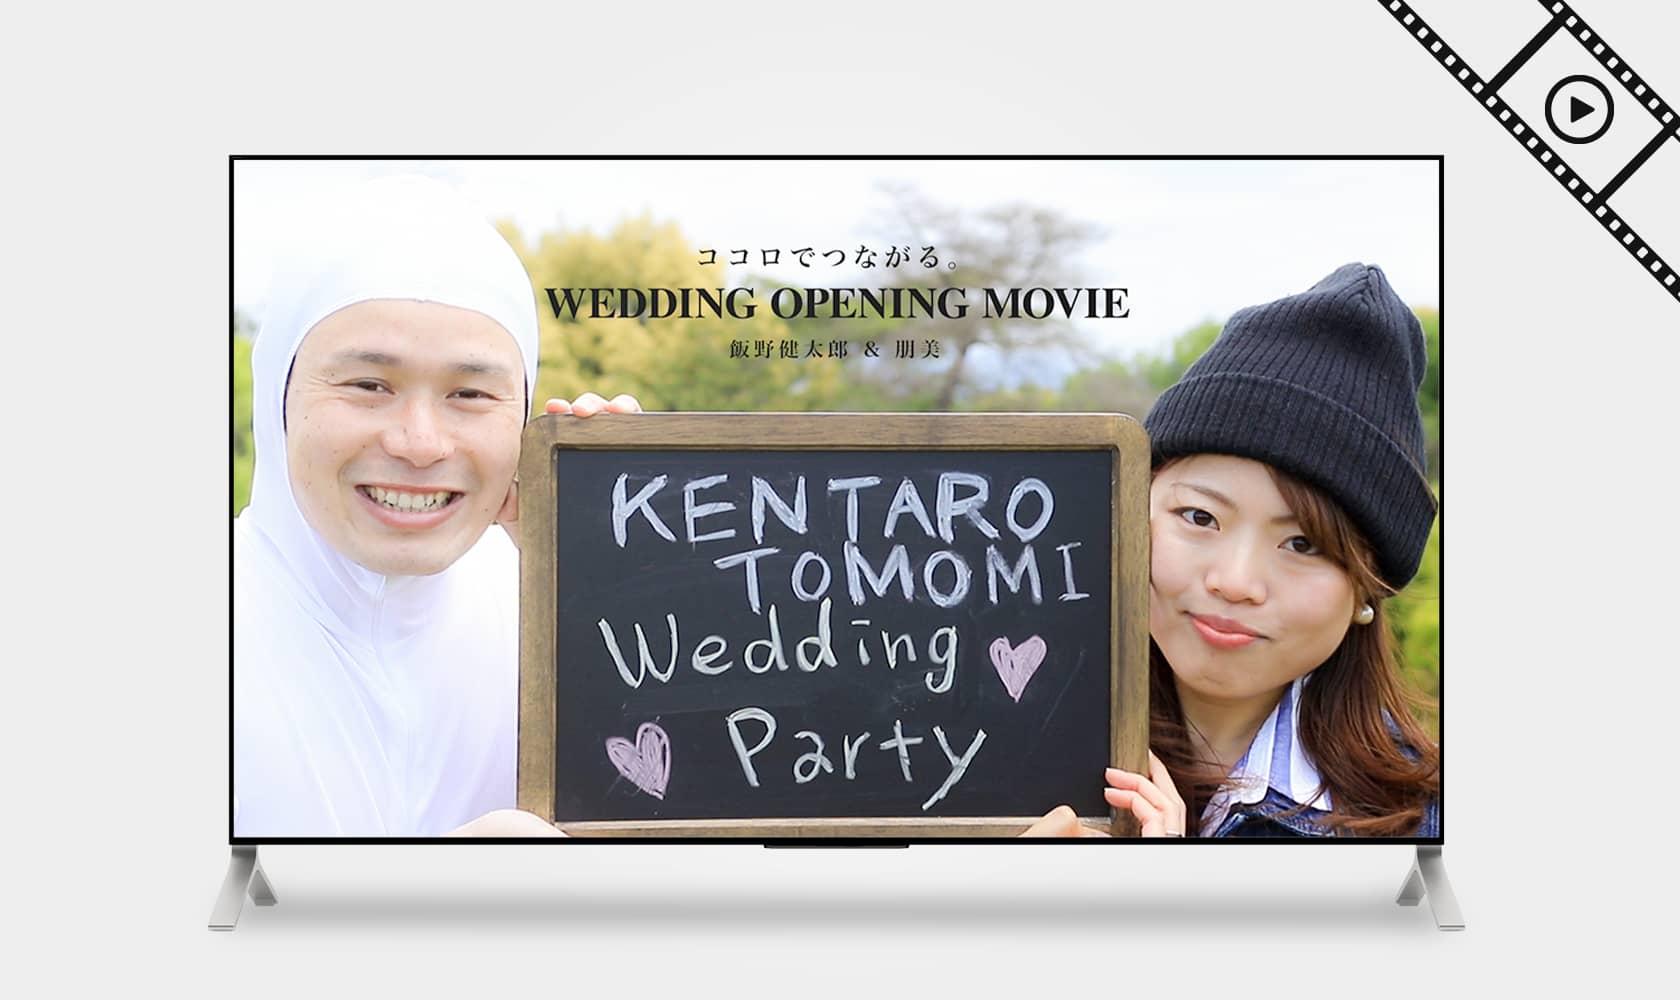 飯野健太郎 朋美 結婚式オープニングムービー